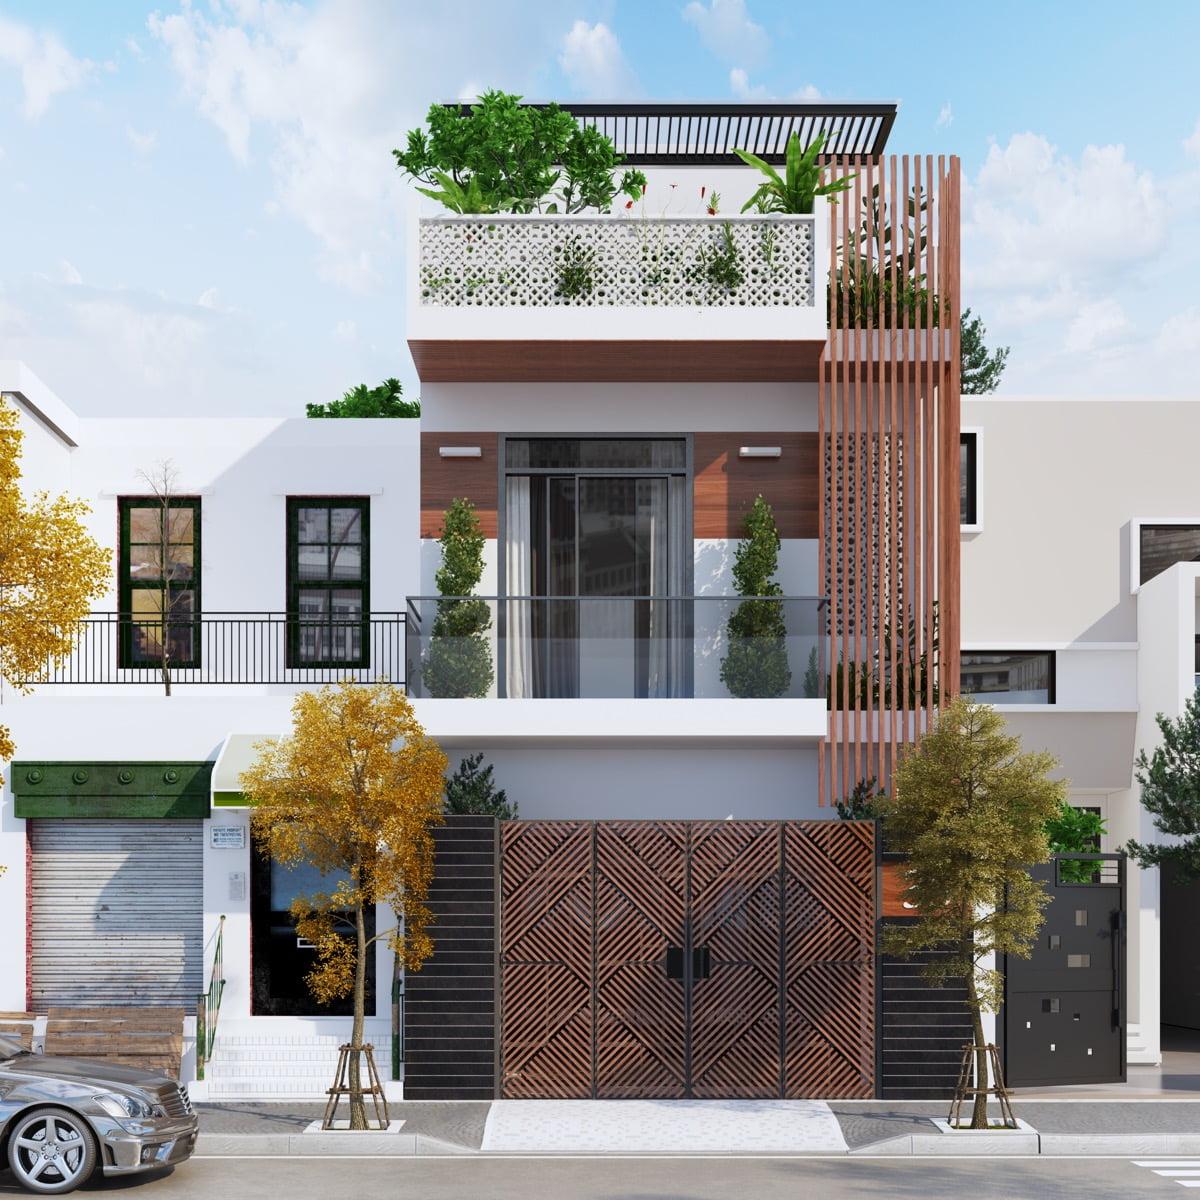 mẫu nhà phố 2 tầng 1 tum hiện đại 7